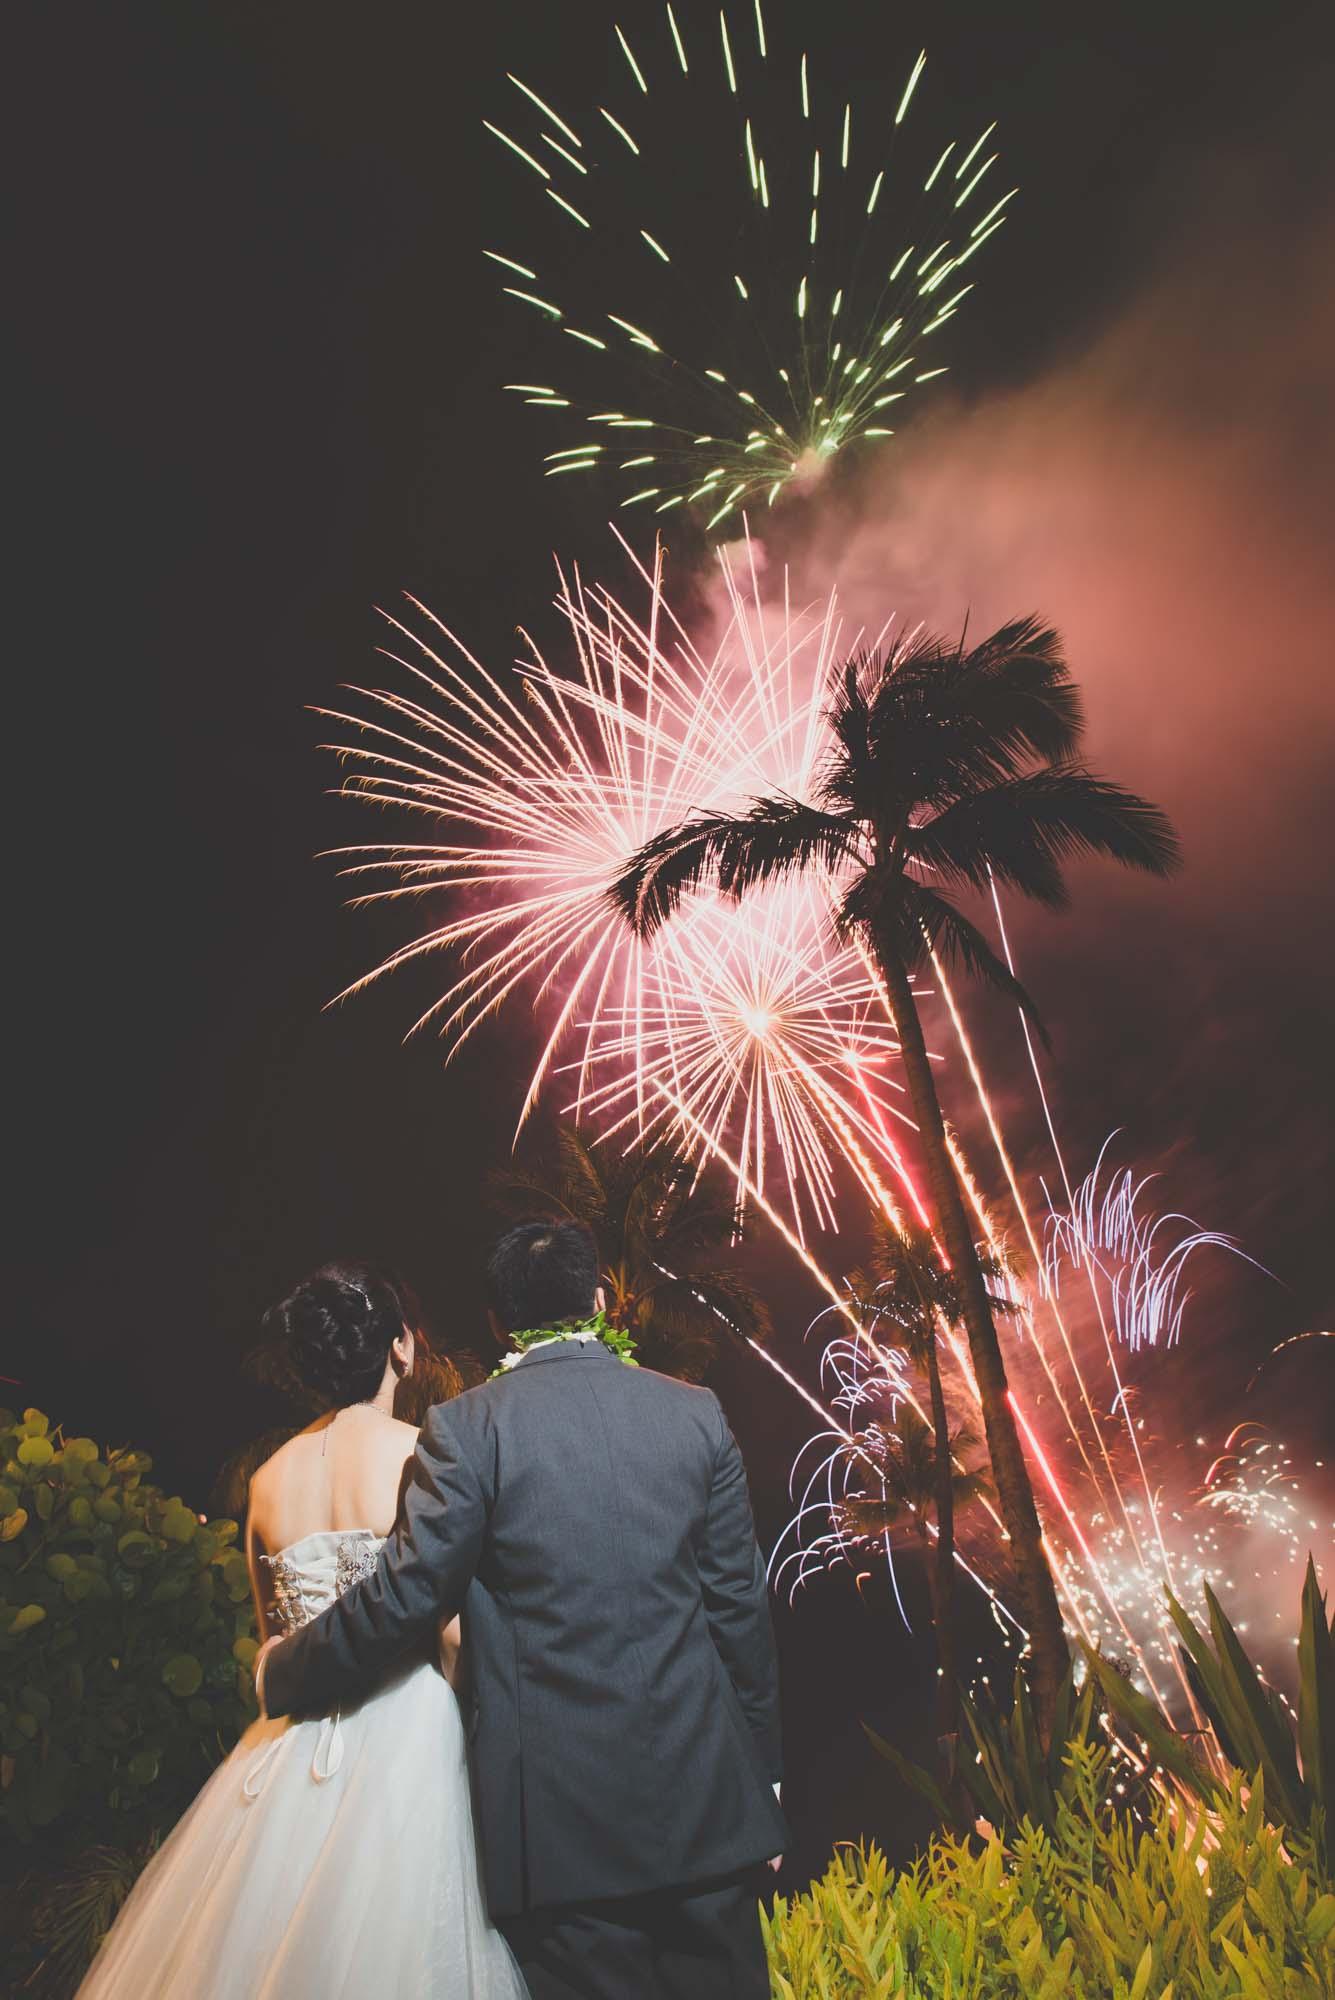 hawaii-wedding-photography-hilton-hawaiian-village-150522-0002.jpg